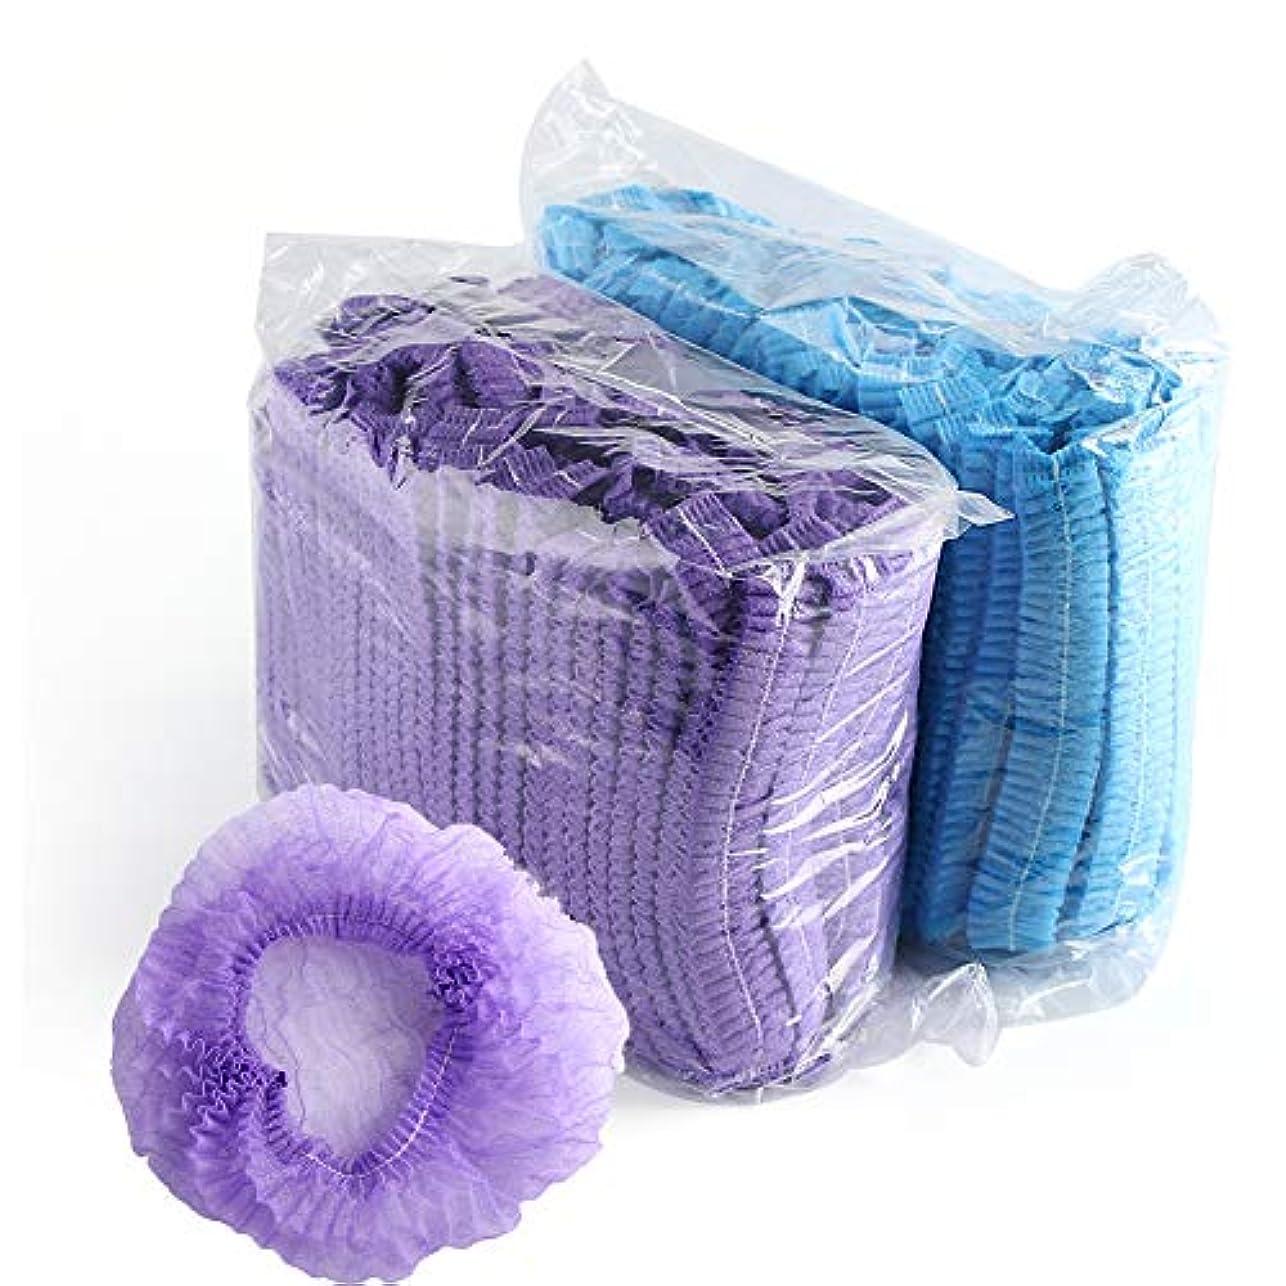 初期一般ギャングスター100ピース使い捨てストリップシャワーキャップ不織布シャワーキャップホテルシャワーキャップ染めヘアキャップ防水クリーニング美容サロンタトゥー帽子 (Blue)